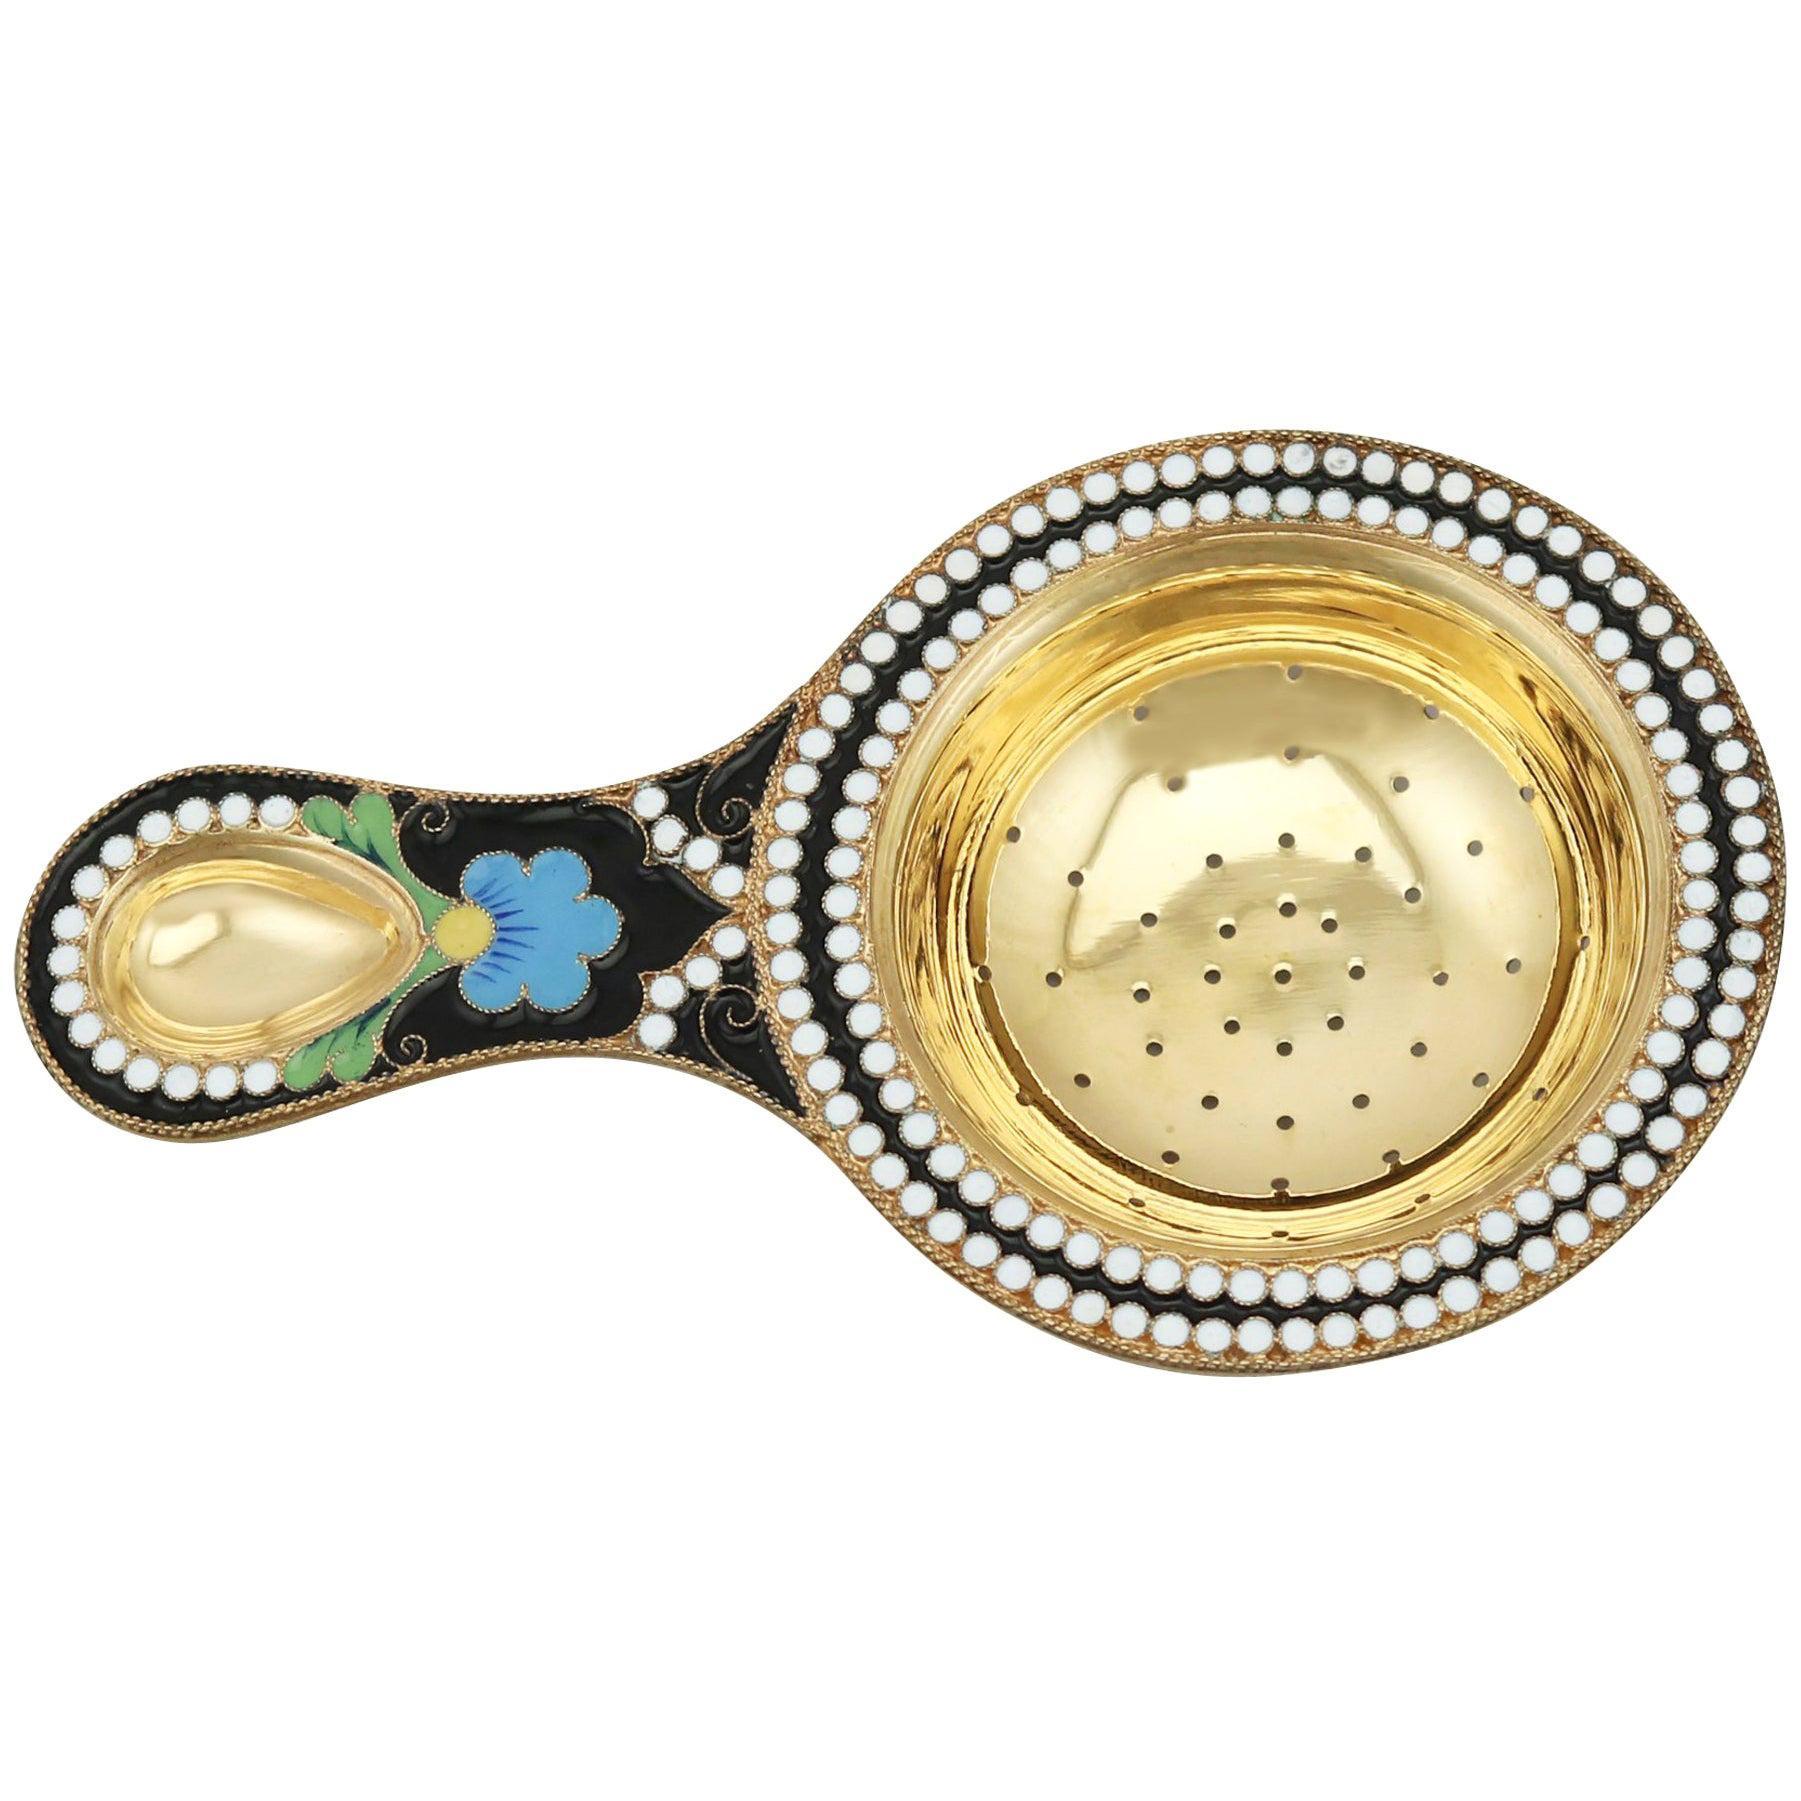 Vintage, 1970s Russian Silver Gilt and Polychrome Cloisonné Enamel Tea Strainer